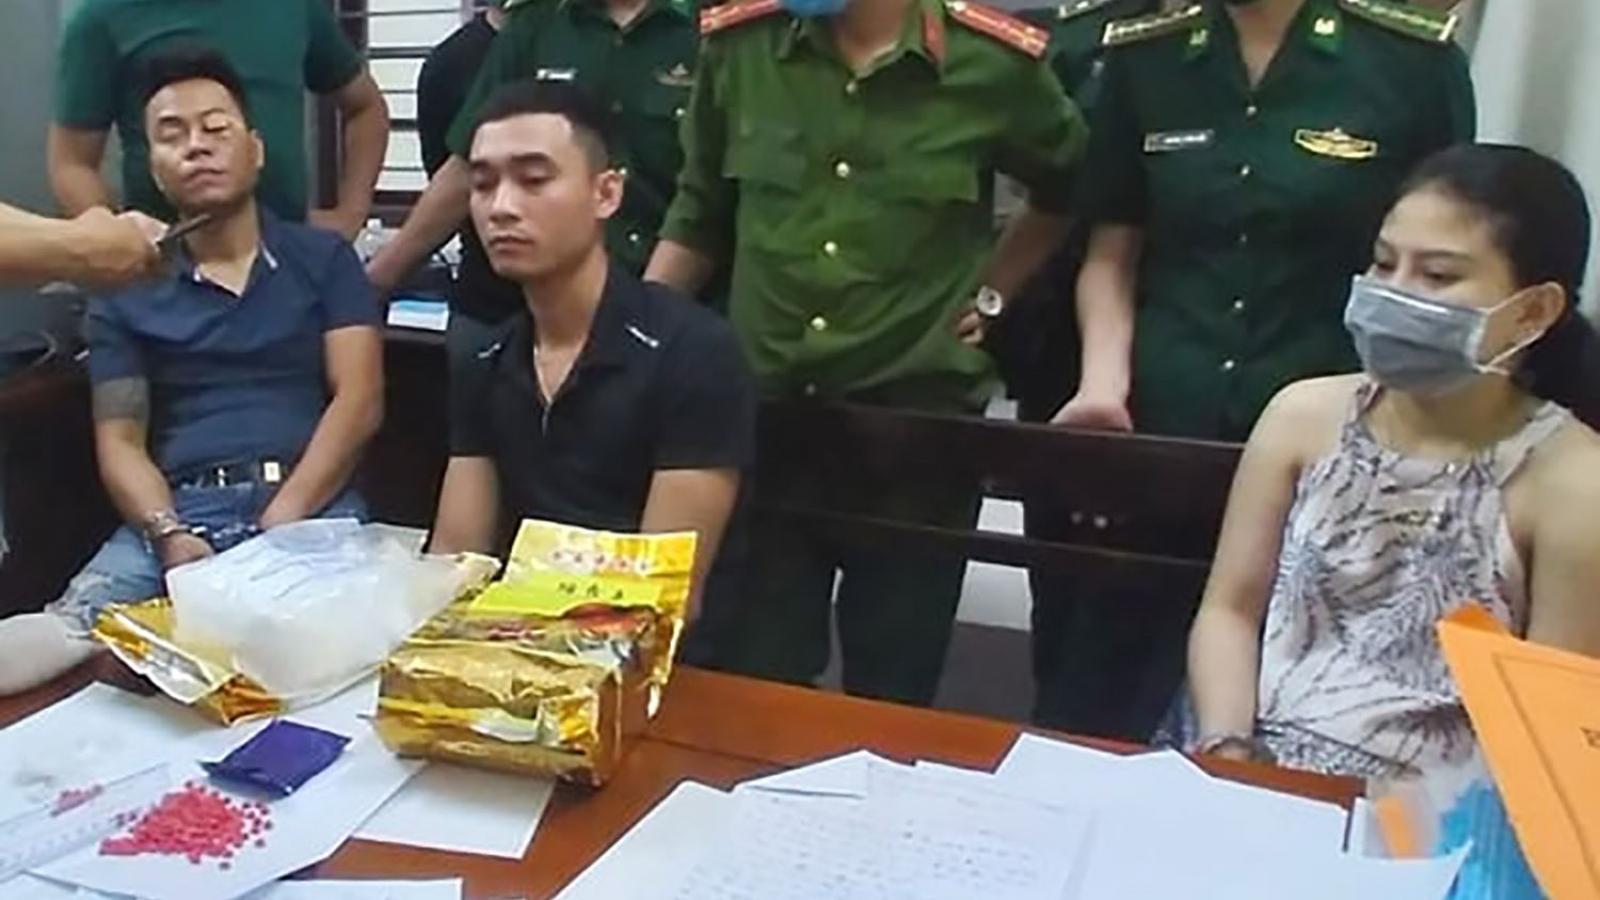 Khởi tố vụ án mua bán tàng trữ ma túy tại Đà Nẵng